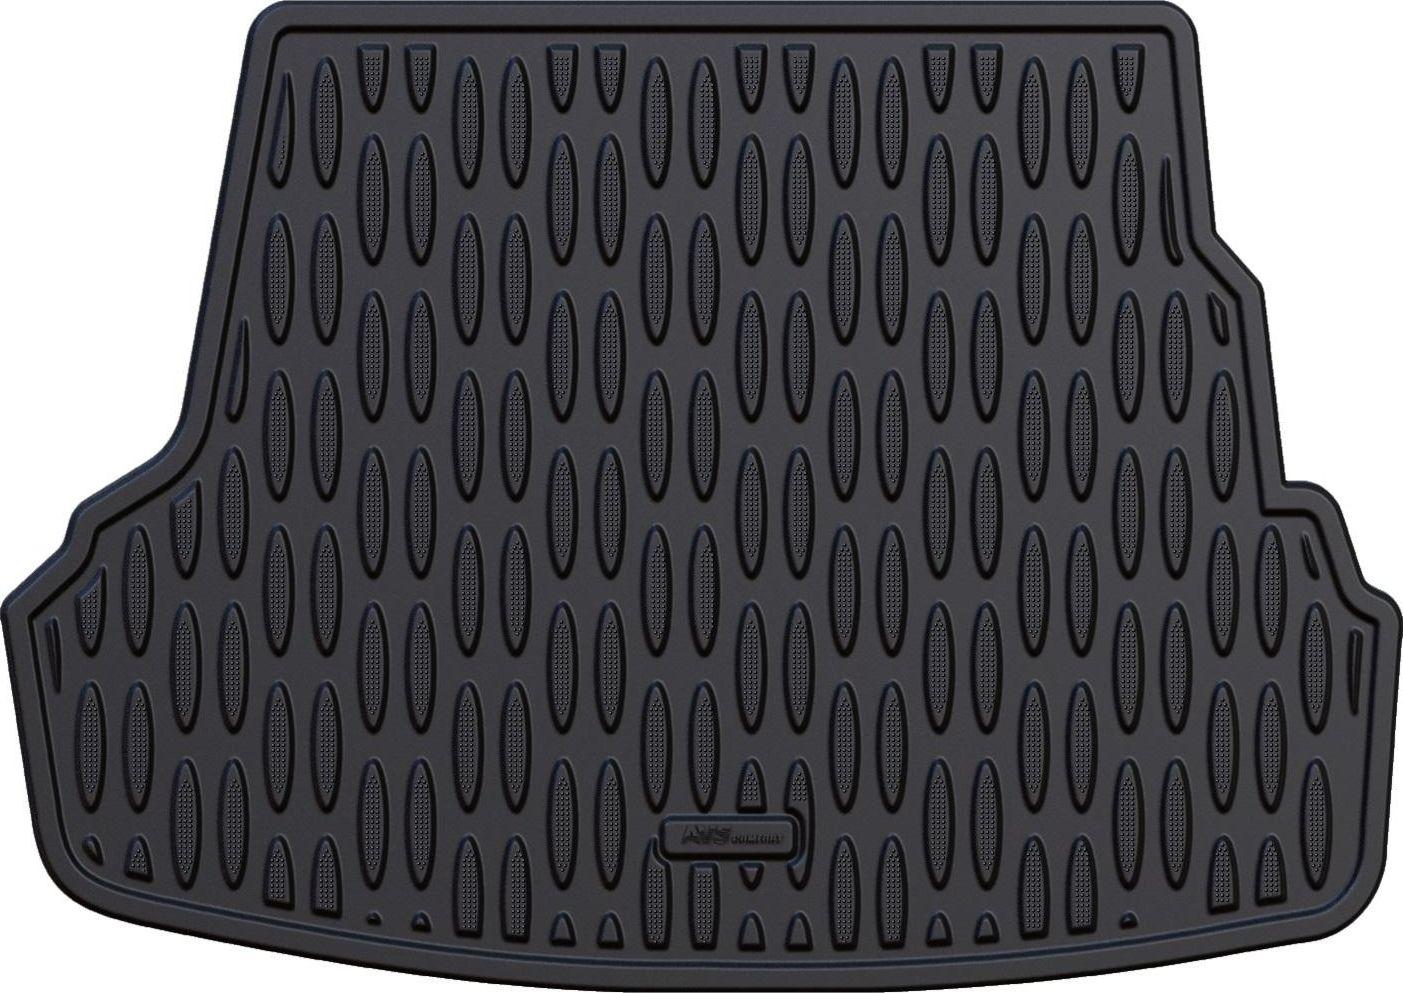 Купить Ковер автомобильный AVS для Hyundai Solaris SD 2010-17, комплектация Base, Standard, в багажник